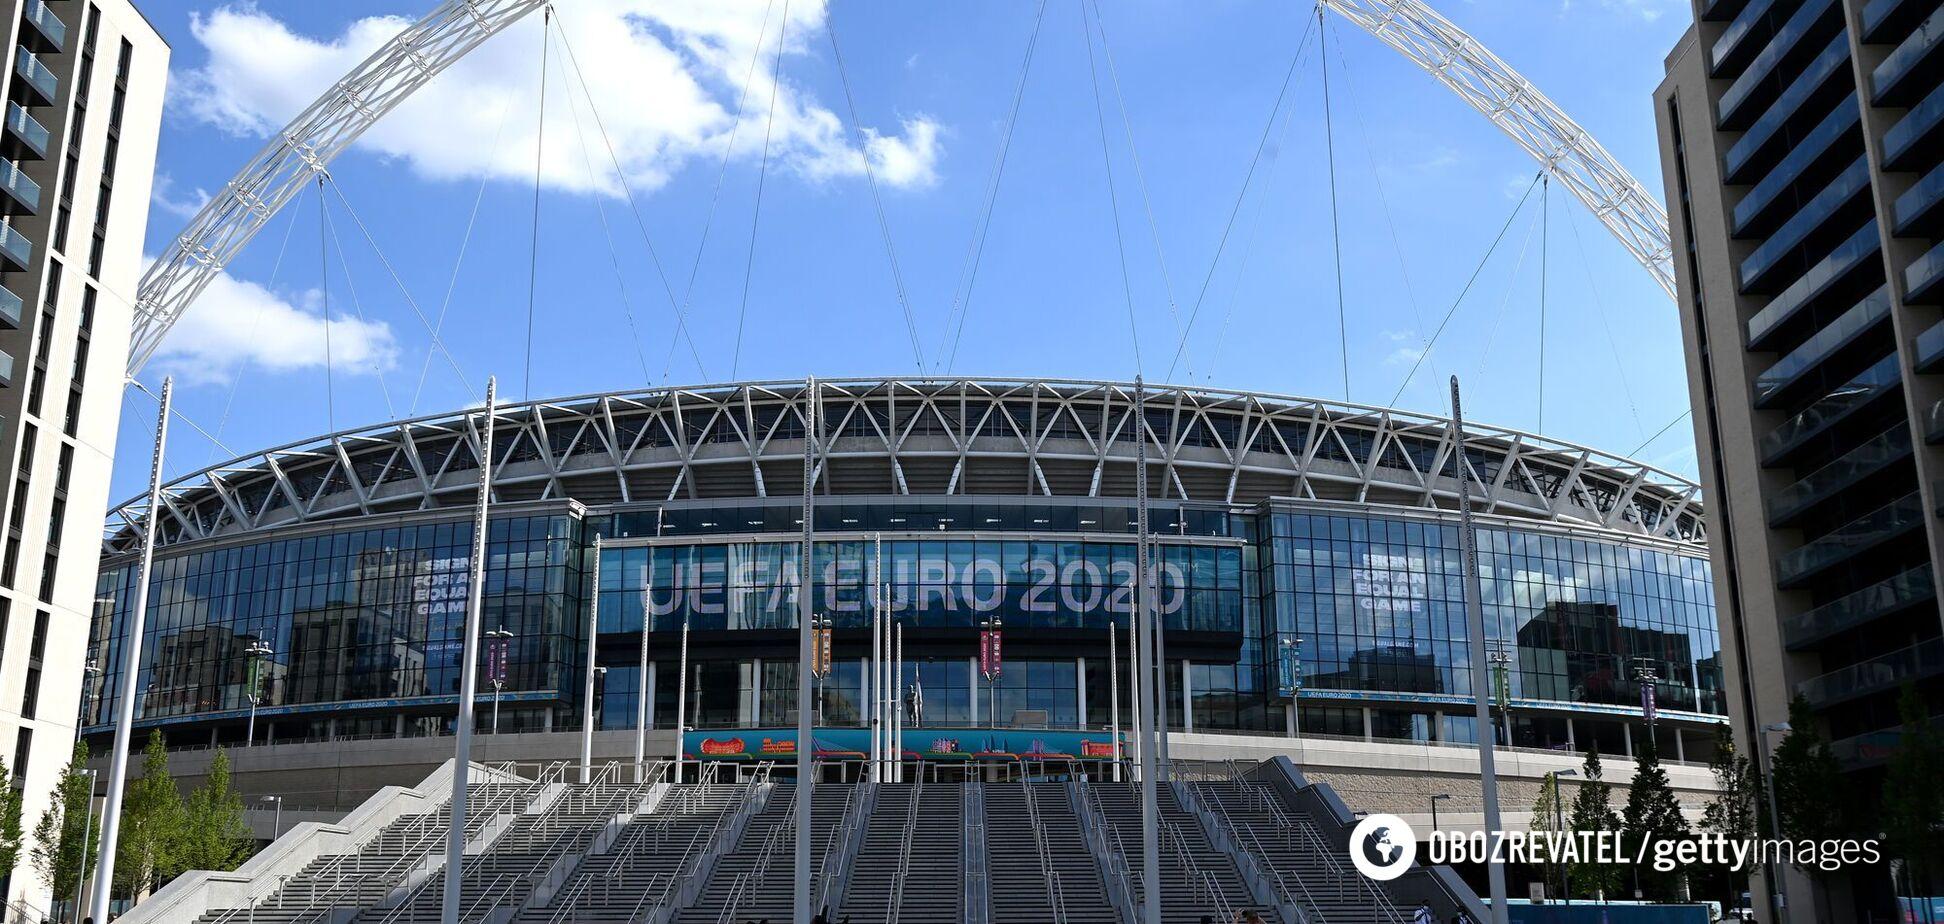 Фінал Євро 2020 має відбутися в Лондоні